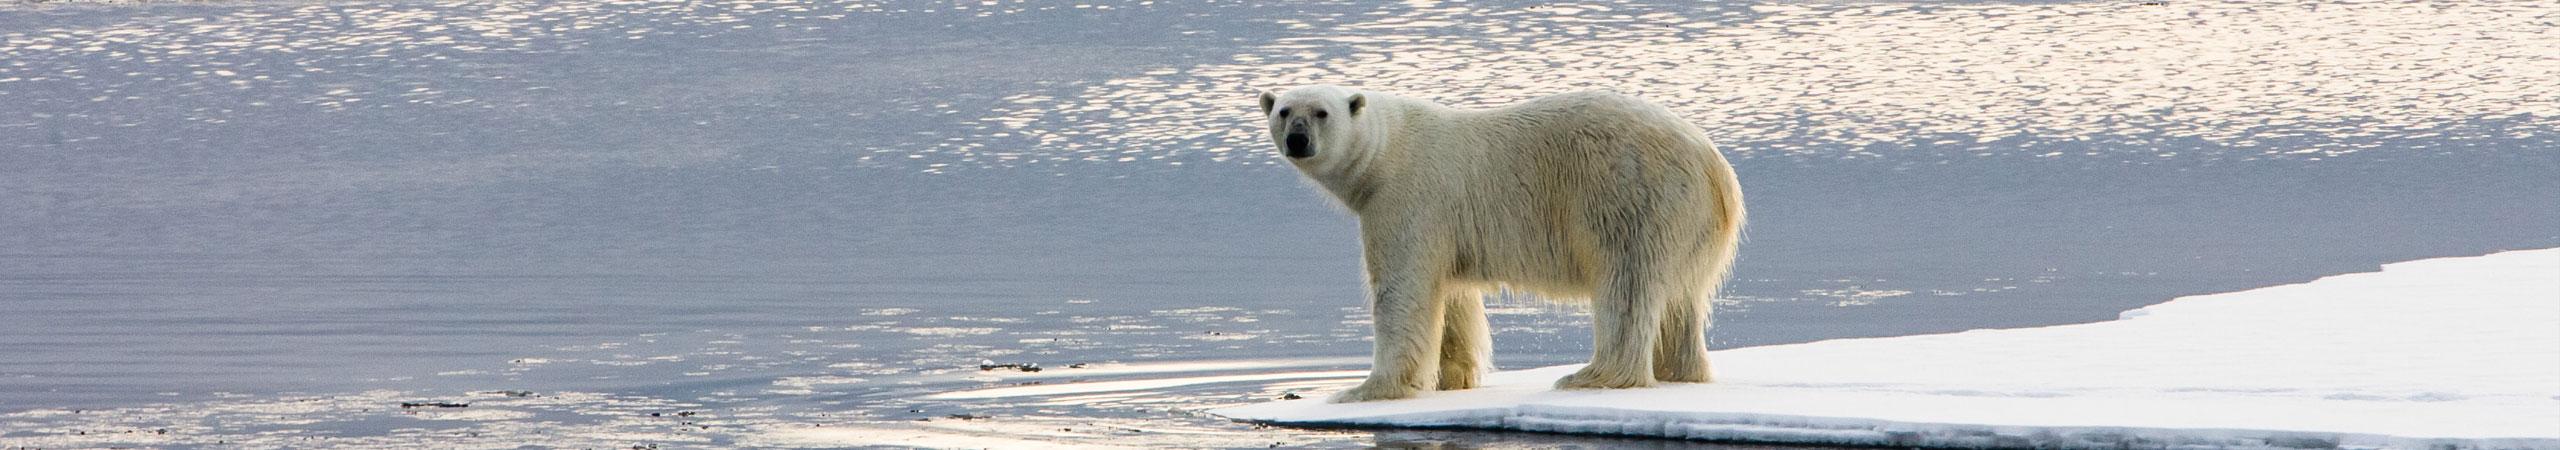 Changements climatiques: des effets à surveiller